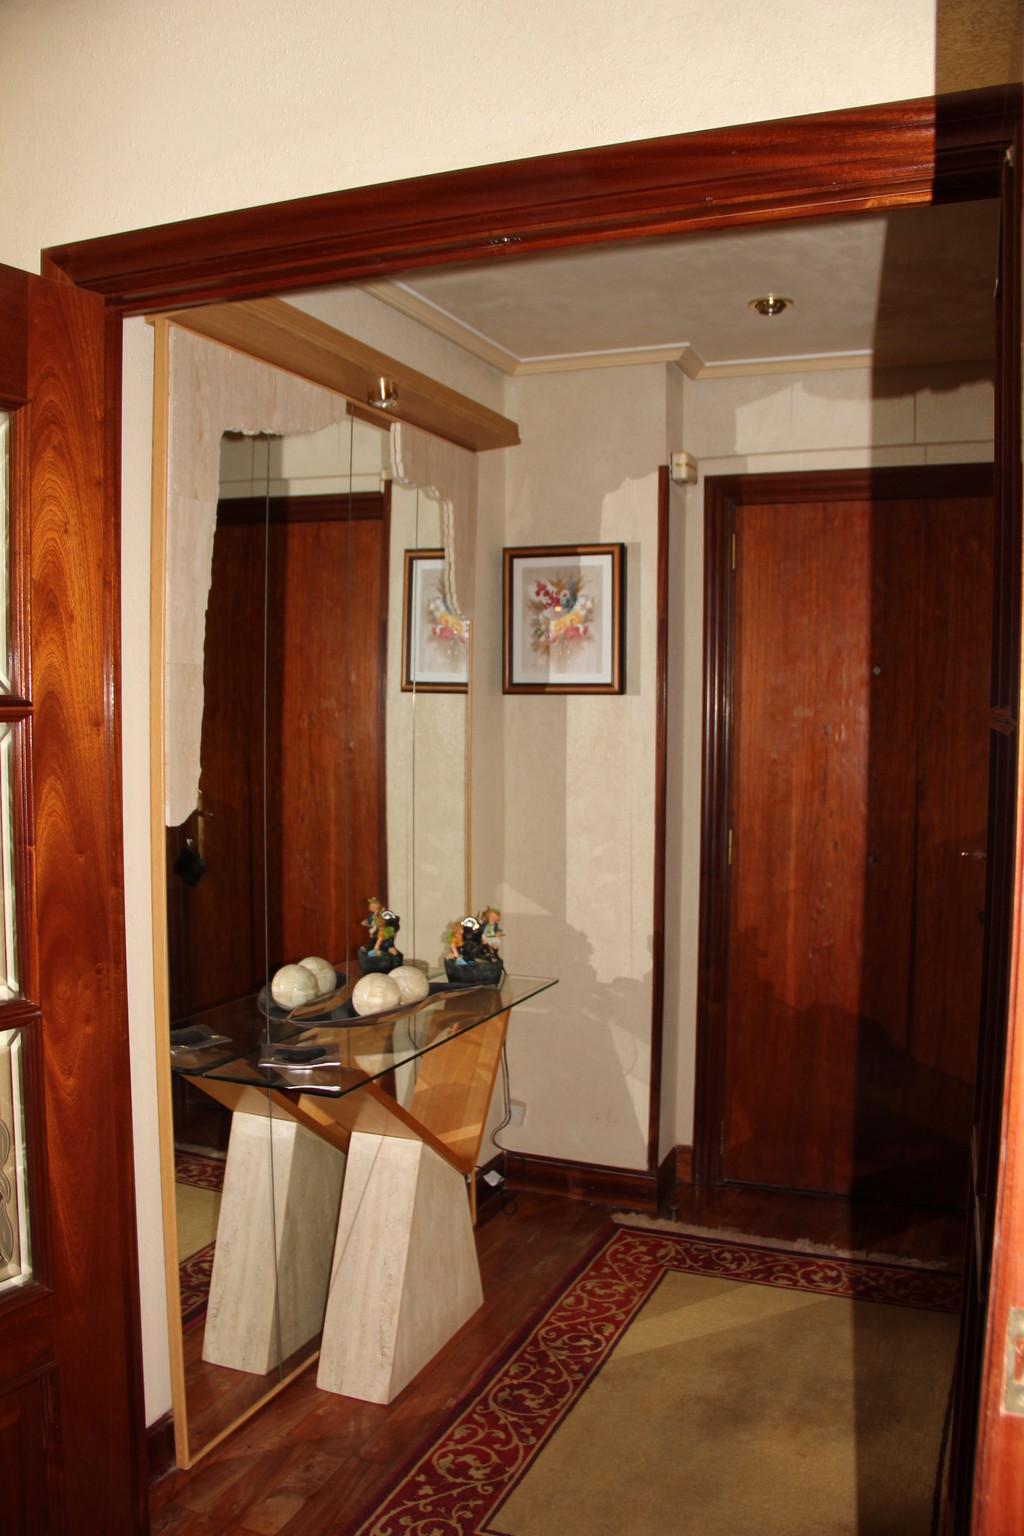 Compartir piso 70 m2 en basauri vizcaya chico de 46 a os for Habitaciones individuales en alquiler